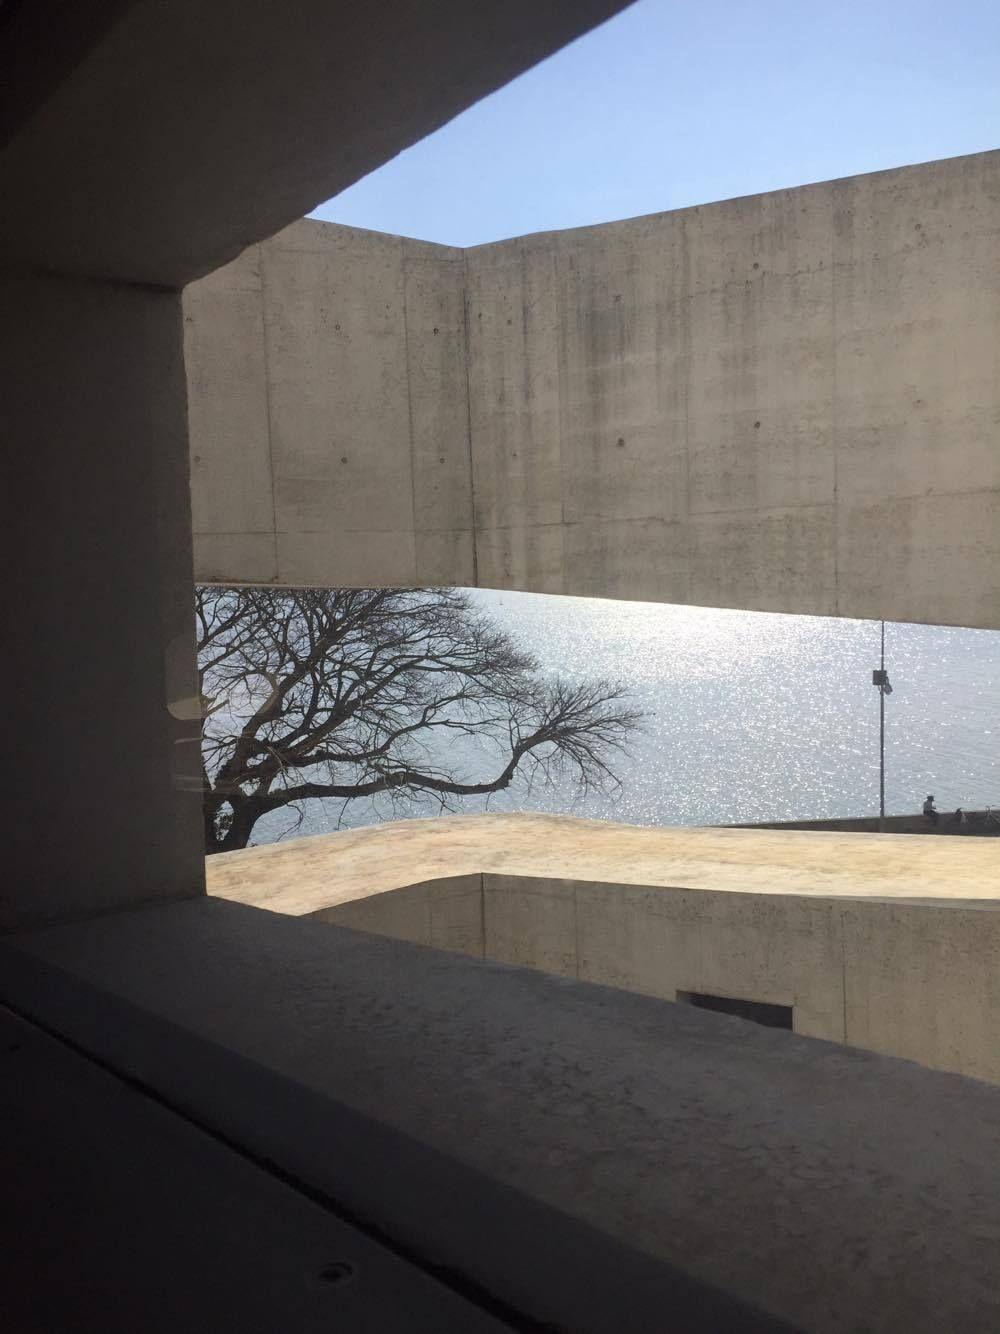 A Fundação Iberê Camargo, em Porto Alegre (RS), foi um dos muitos pontos altos da viagem a Bento Gonçalves à convite da SCA. O prédio projetado pelo mestre português Álvaro Siza, às margens do Lago Guaira, ganhou o Leão de Ouro na Bienal Internacional de Arquitetura de Veneza em 2002. Veja o post e as fotos no meu blog: http://zip.net/bbtpyt